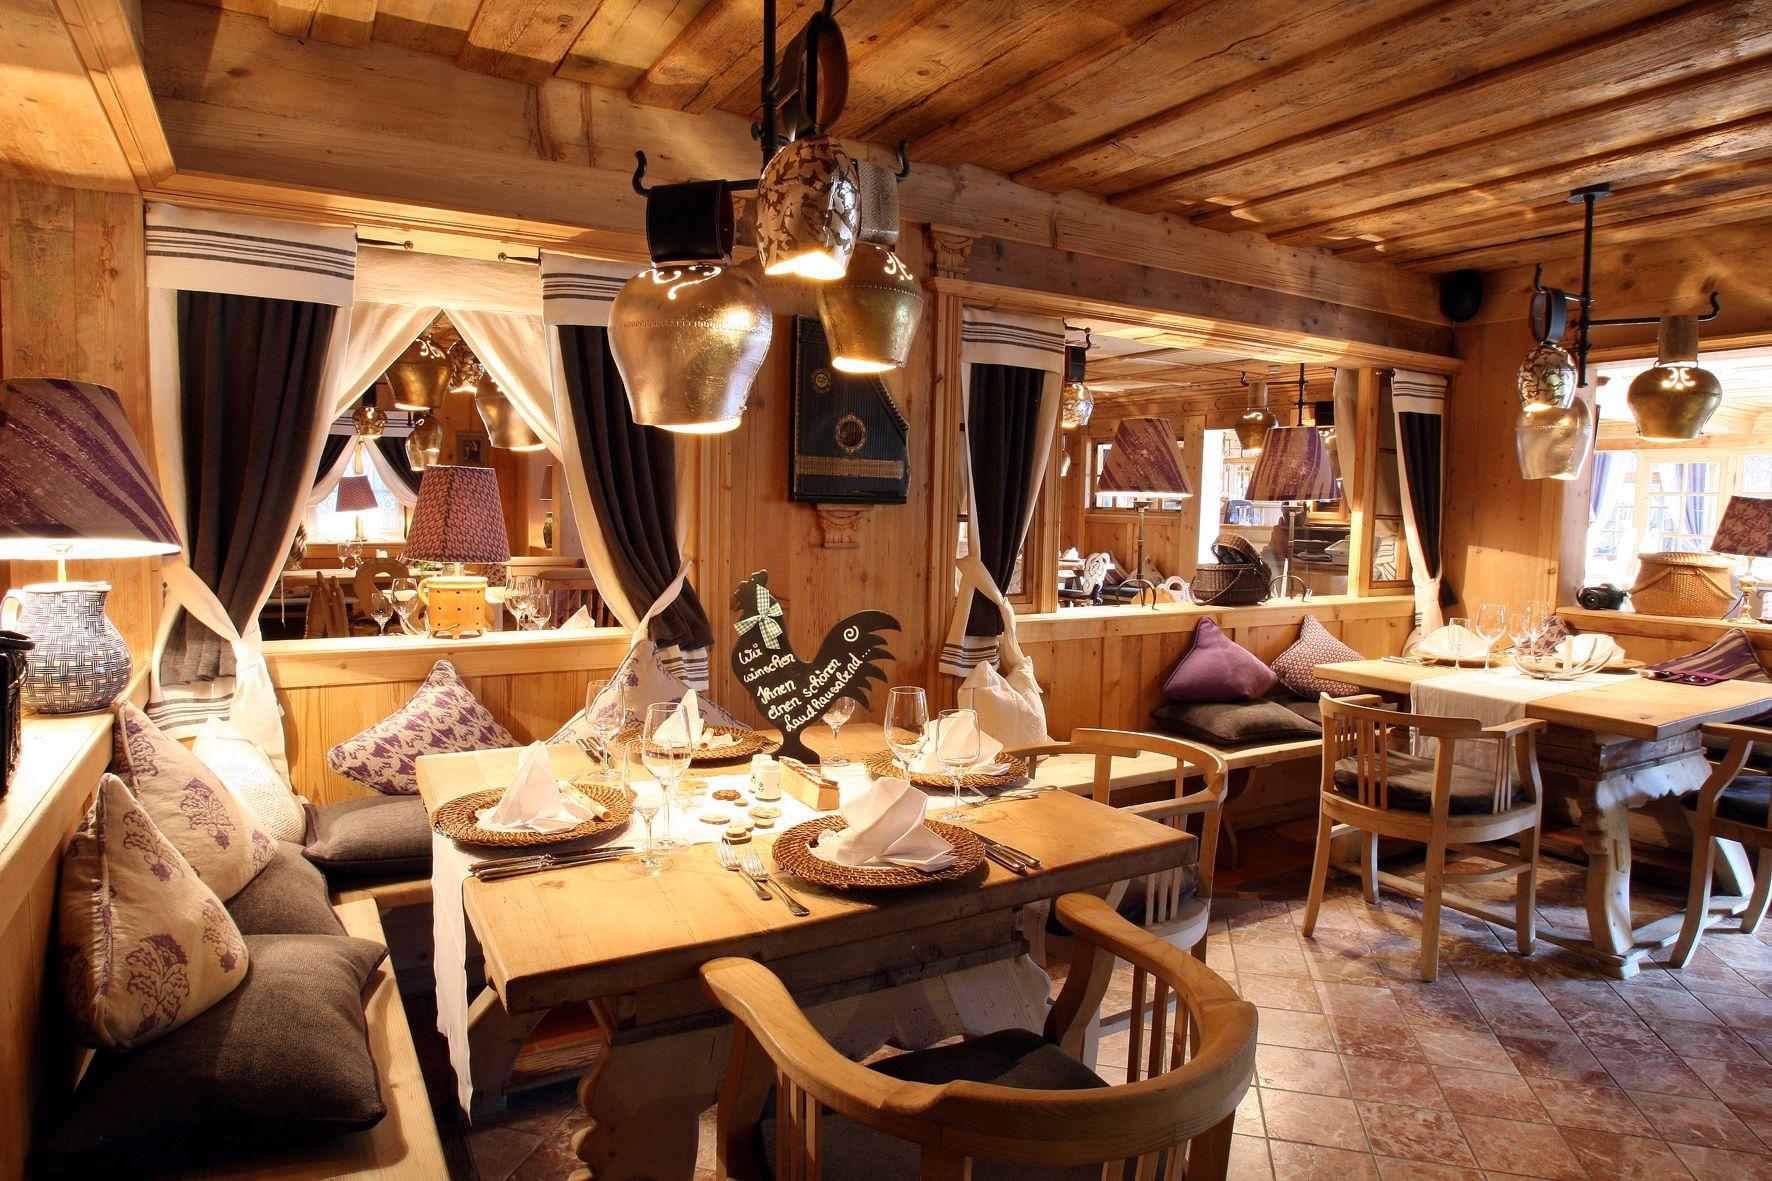 Im jungbrunn wirtshaus was guats vom berg wurden Innenarchitekt wohnungseinrichtung